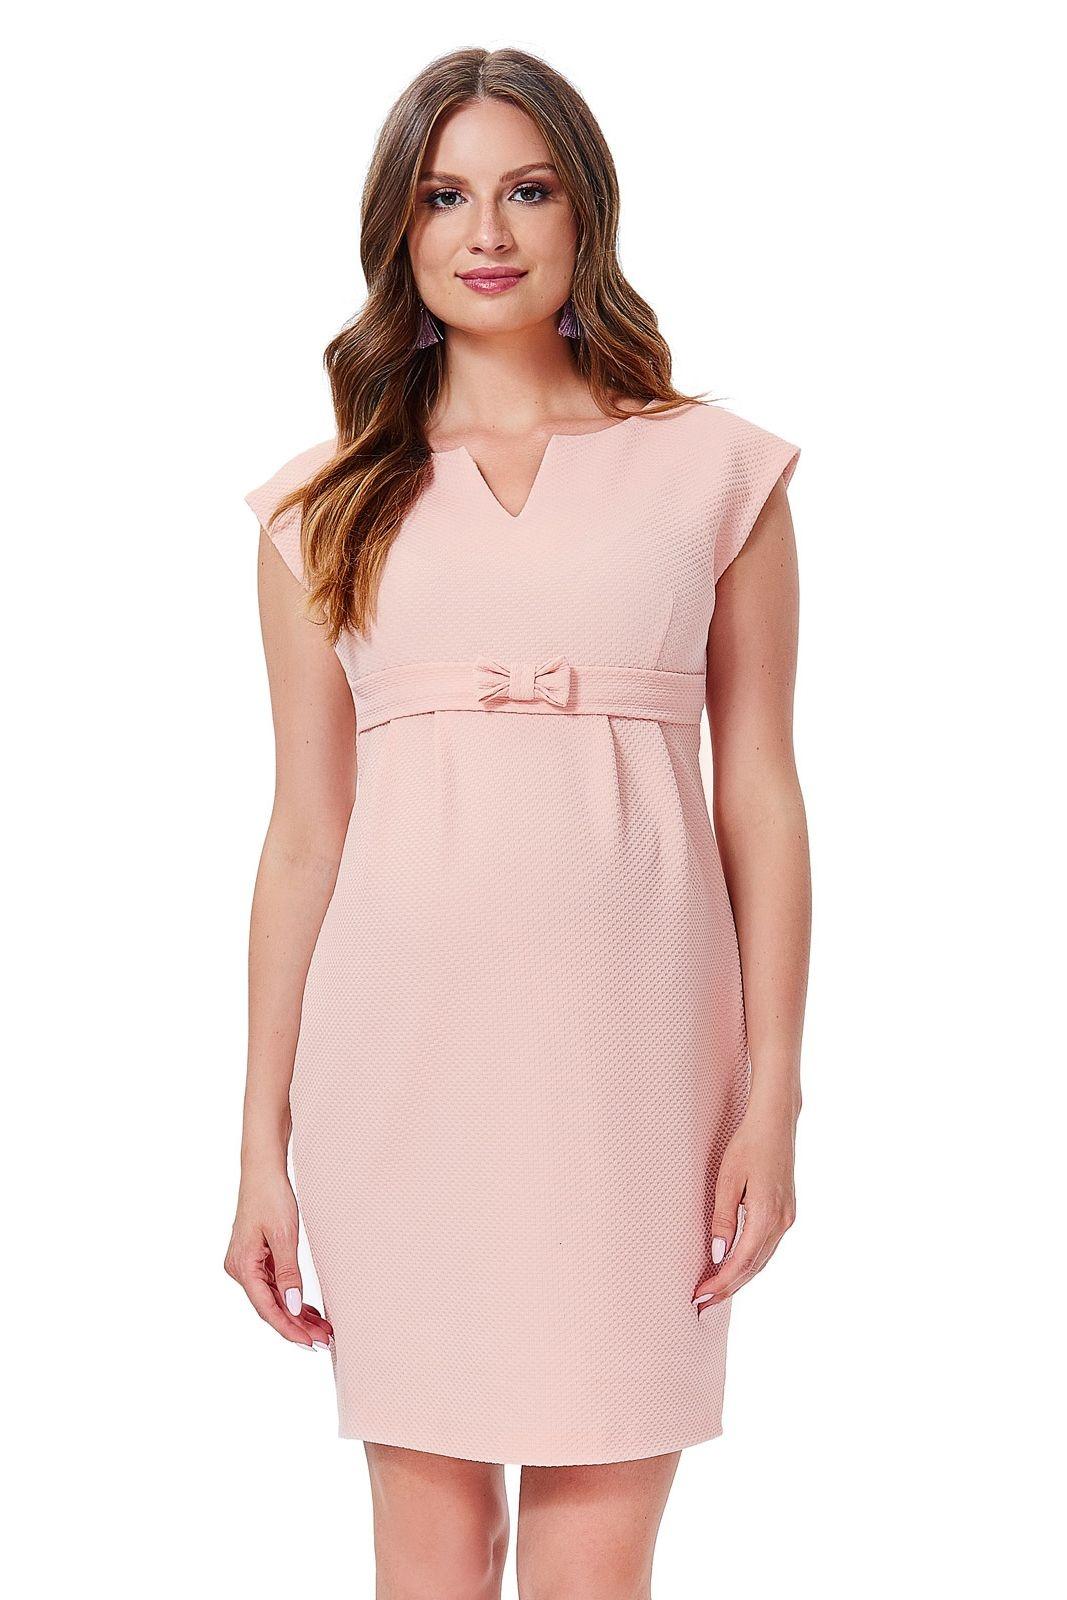 60699624d258 Tehotenské šaty Fergie lososové - ELEGANT.sk